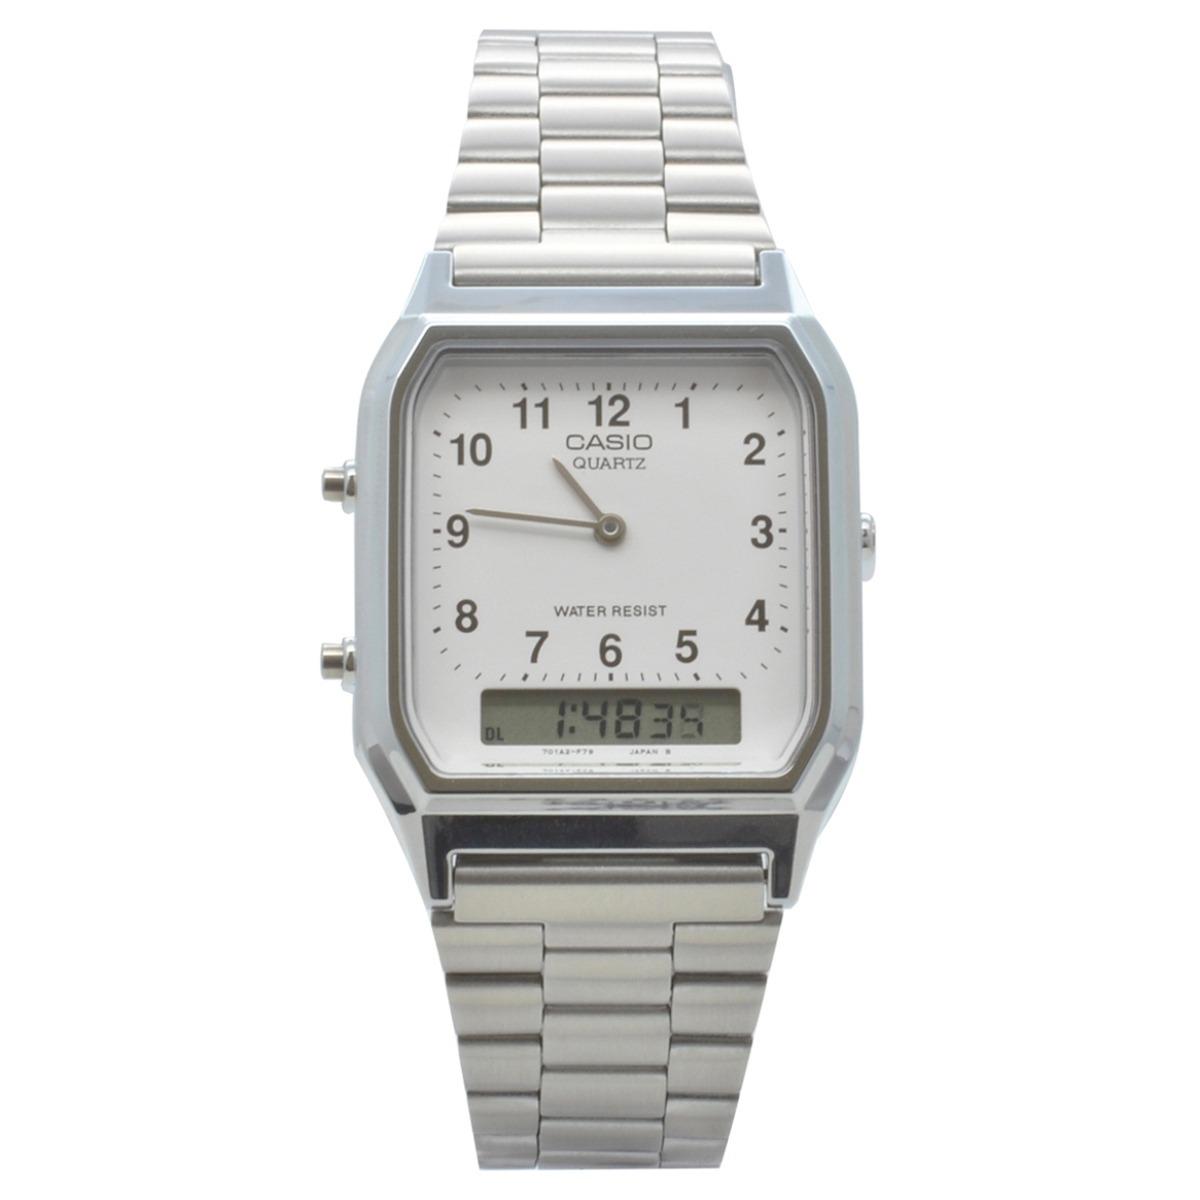 5422d08cf29 Relógio De Pulso Casio Vintage Unissex Aq-230a-7bmq - Prata - R  315 ...